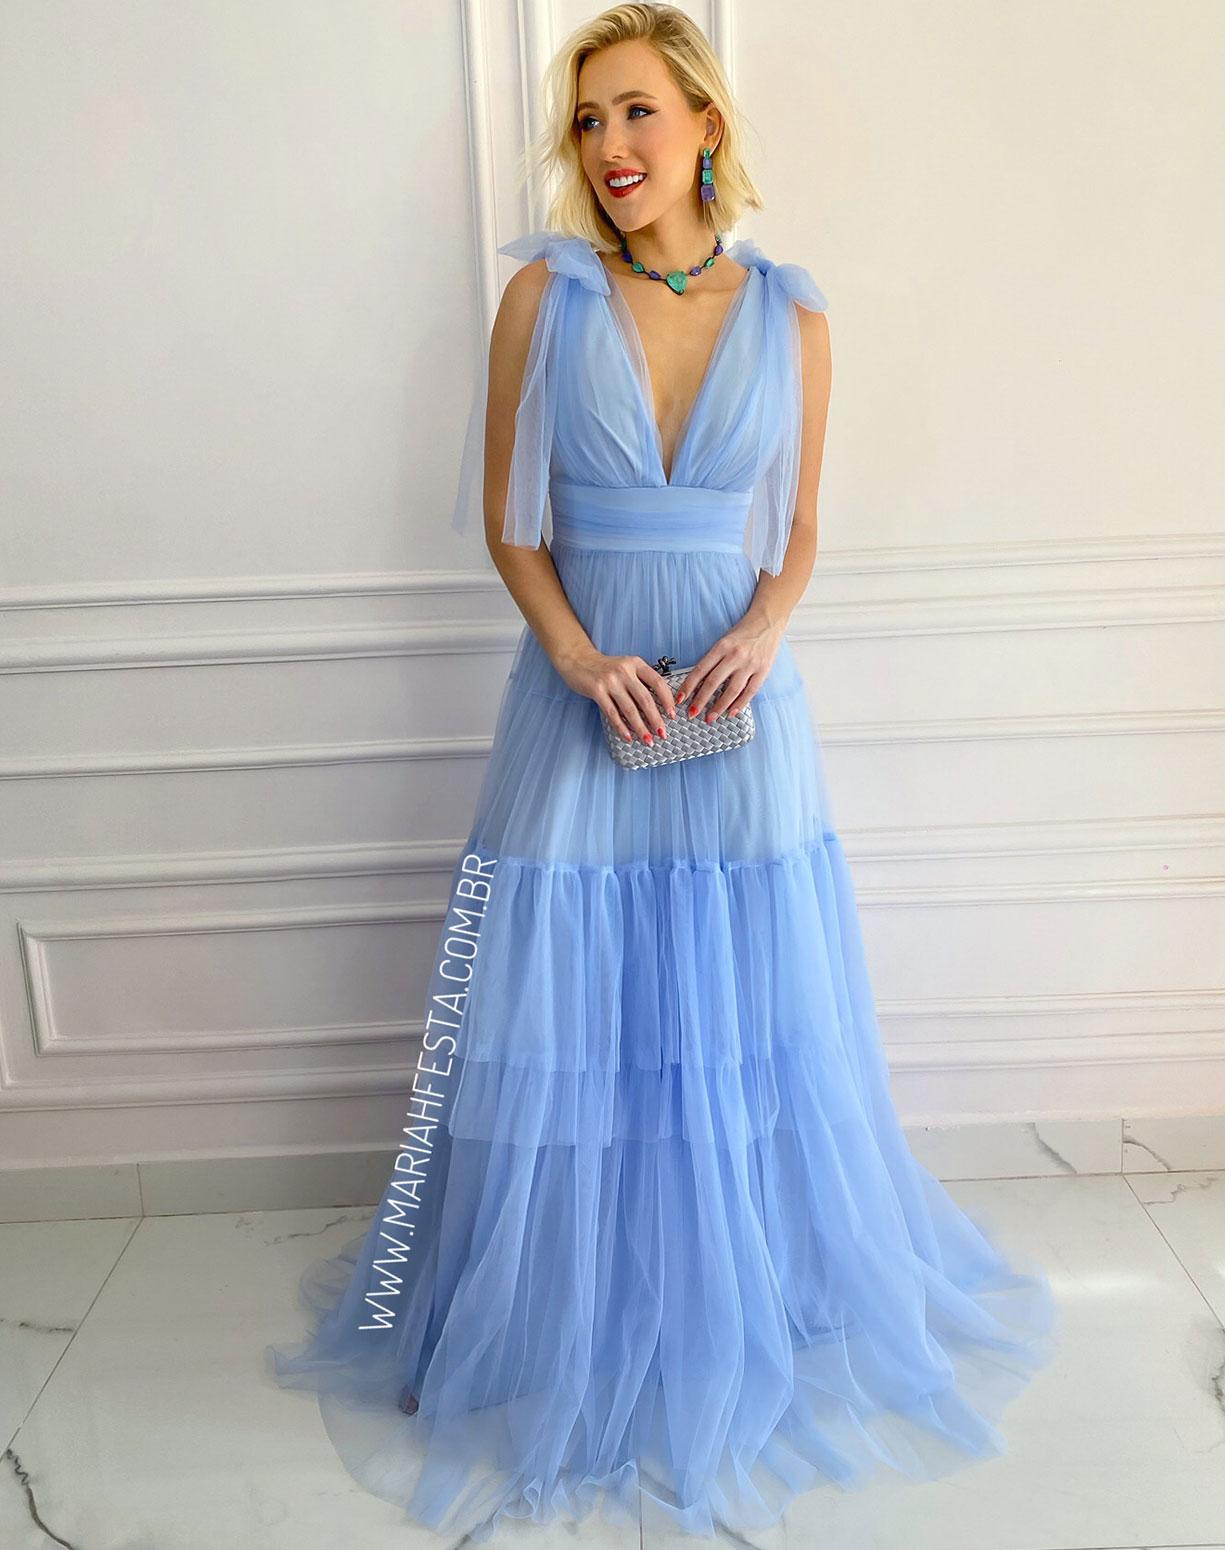 Vestido Azul Serenity em Tule com Alça de Amarrar e Saia com Babados